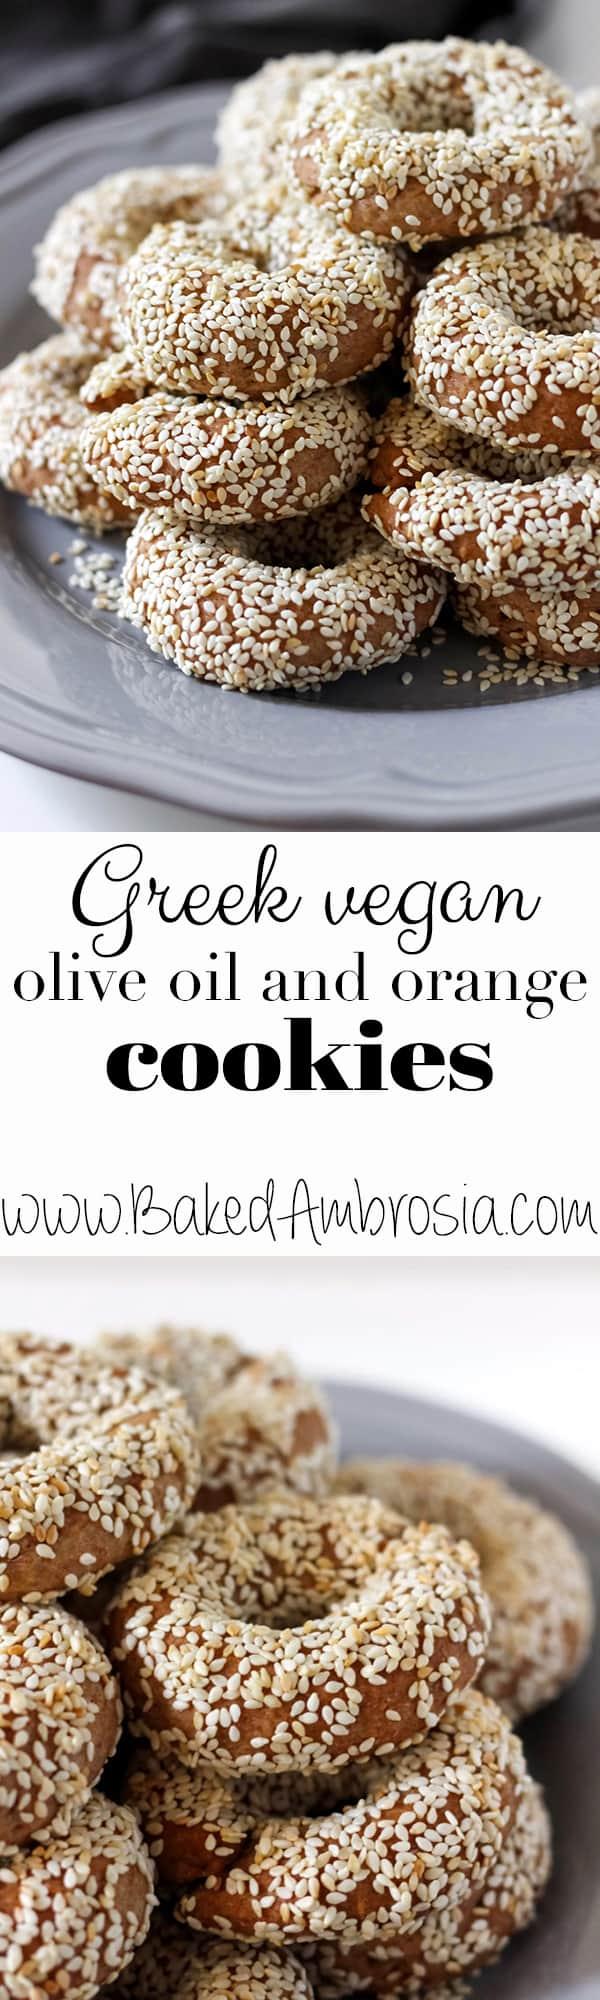 Greek Vegan Olive Oil and Orange Cookies